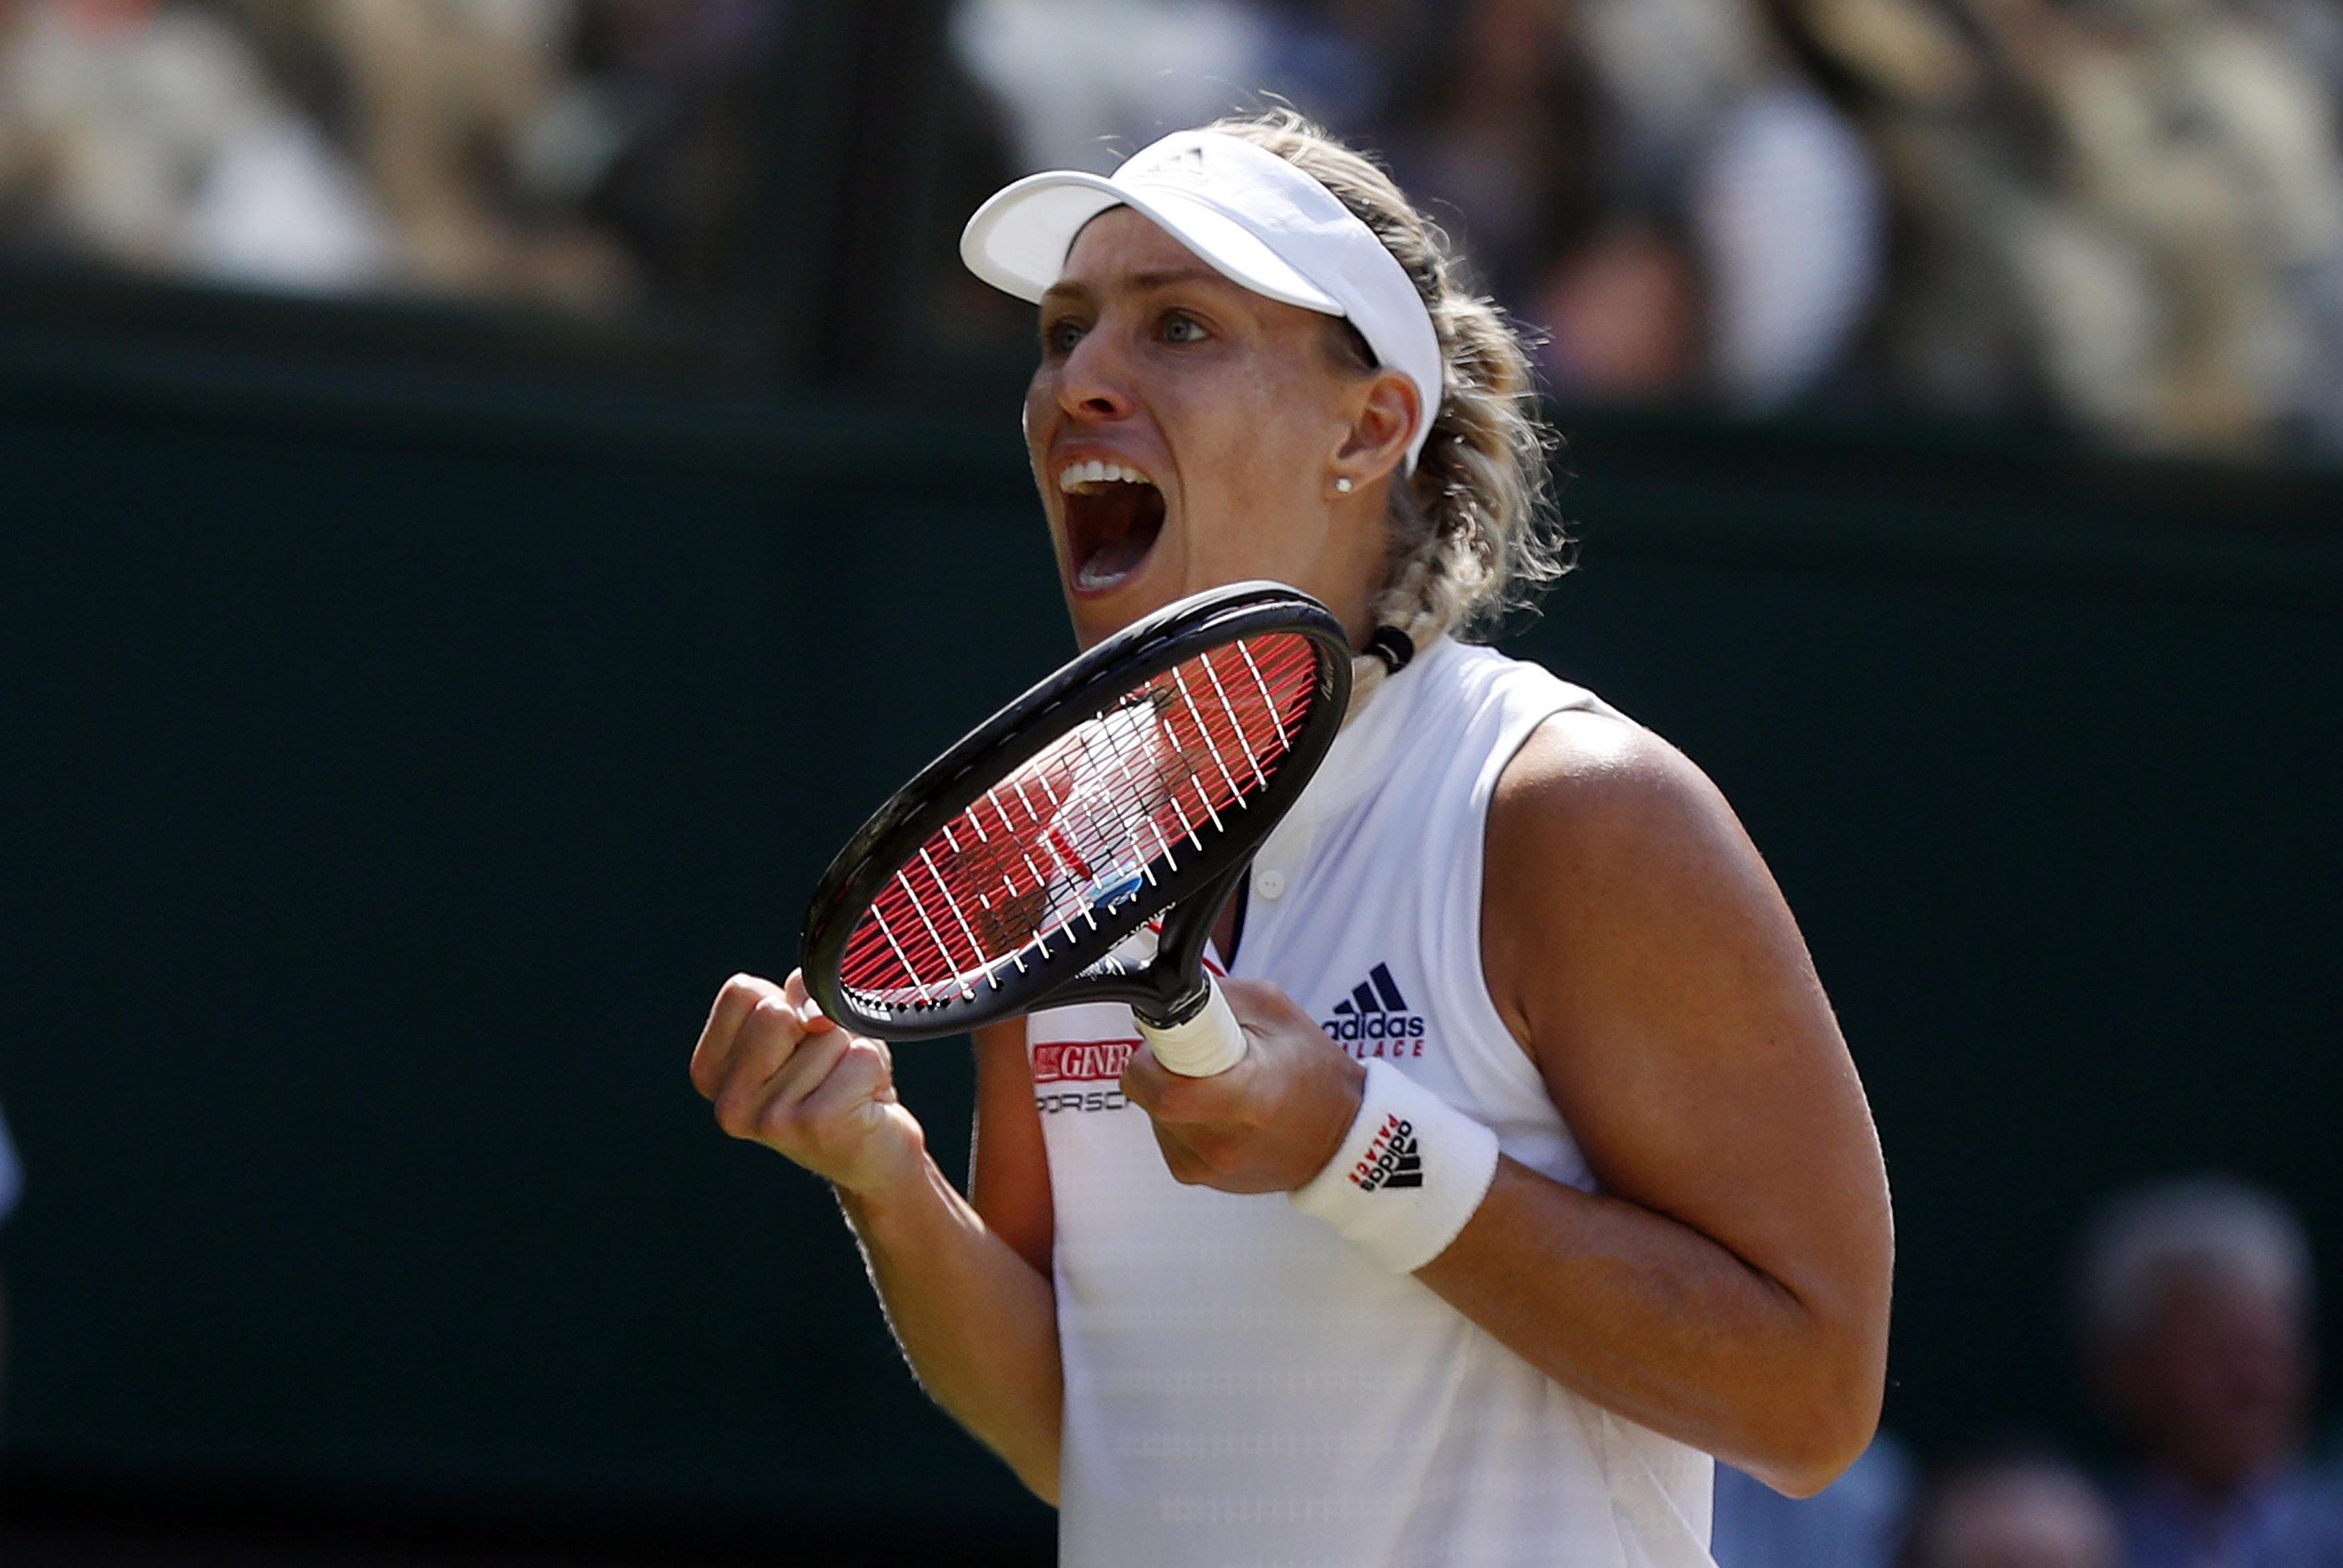 Angelique Kerber celebrates after reaching Wimbledon final